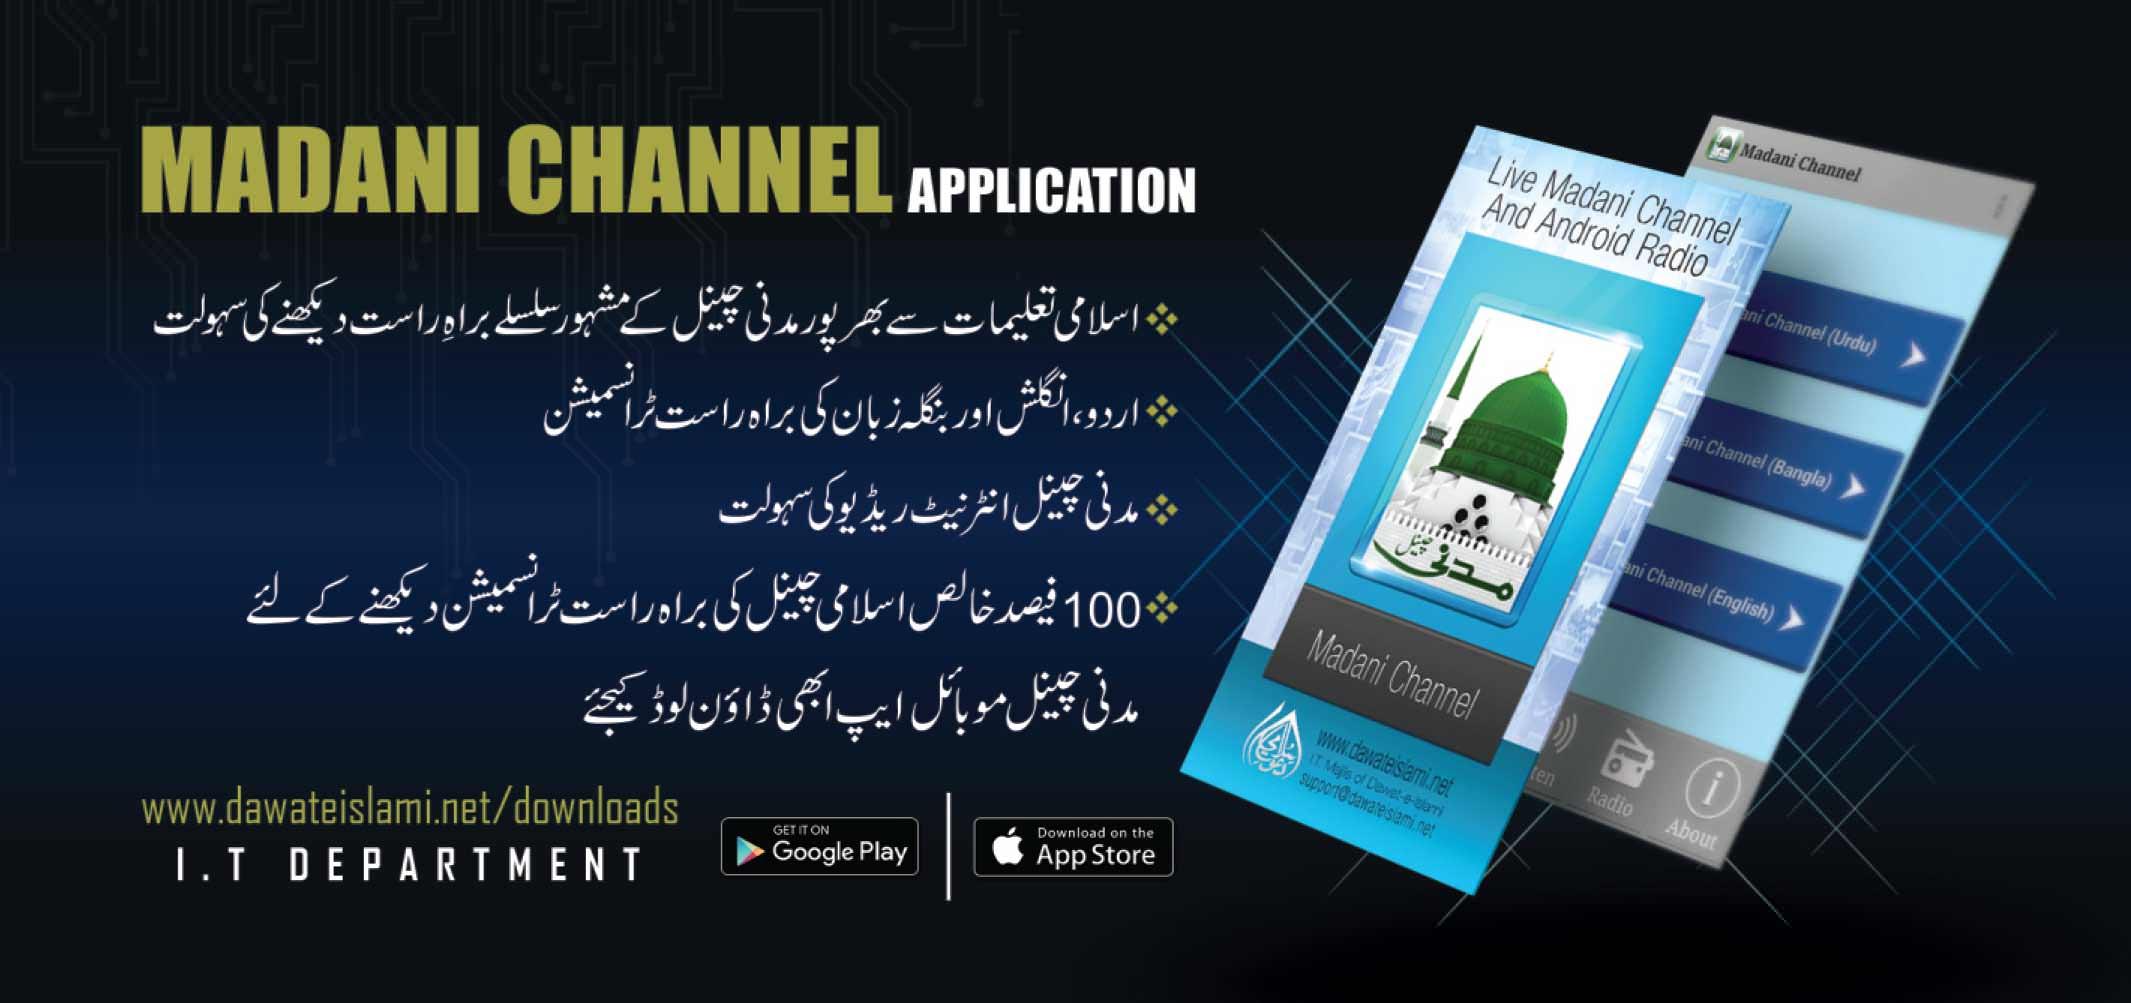 مدنی چینل موبائل ایپلی کیشن